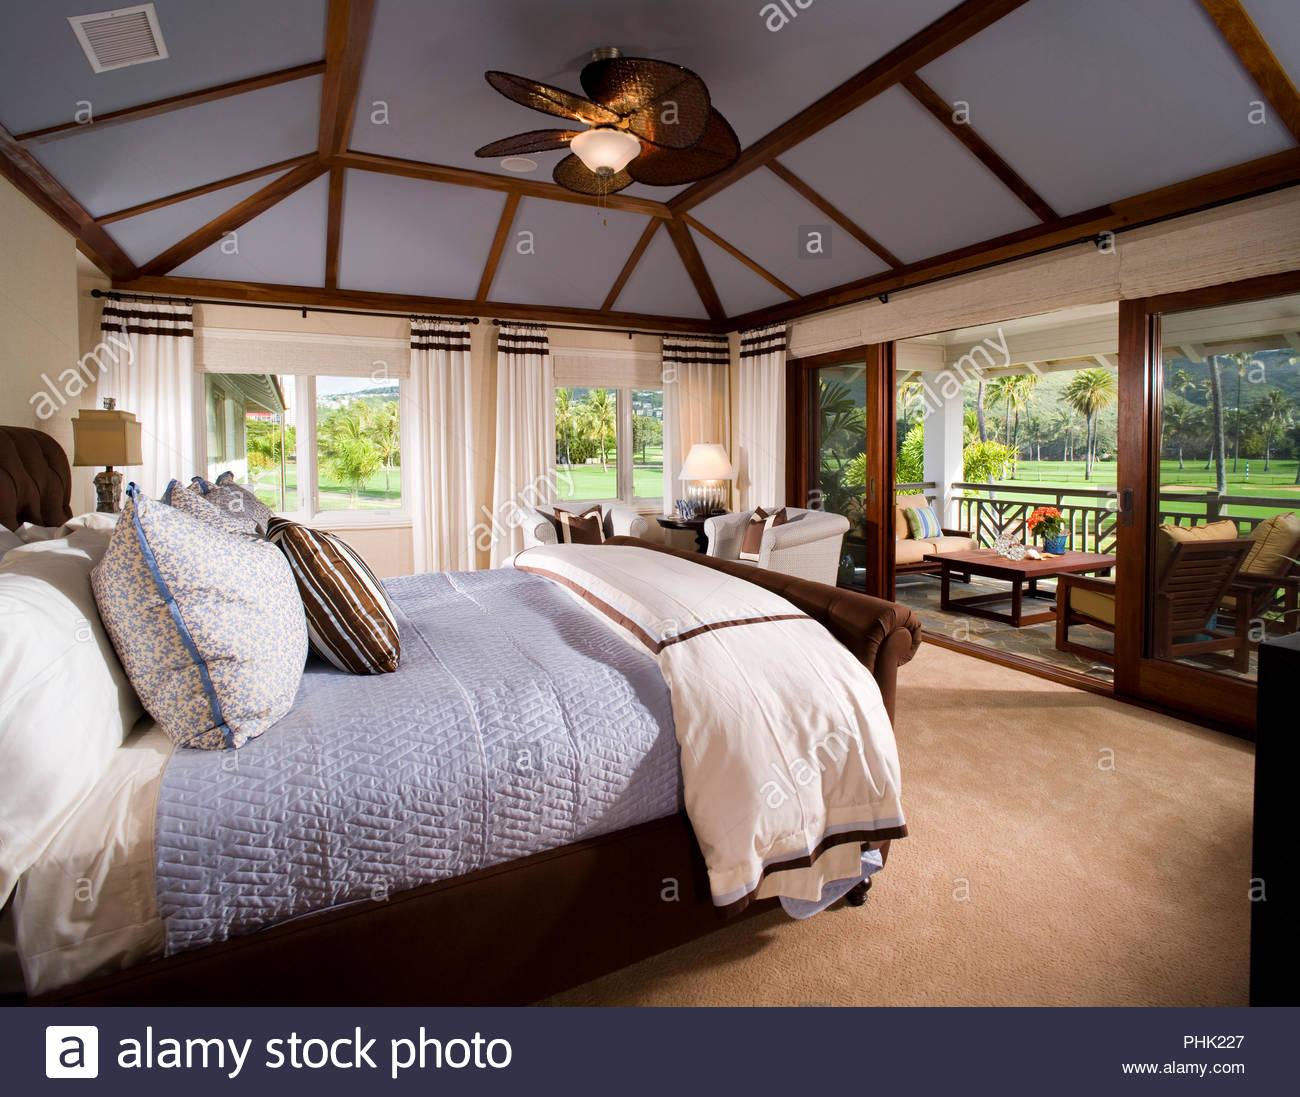 Chambre avec ventilateur au plafond Photo Stock